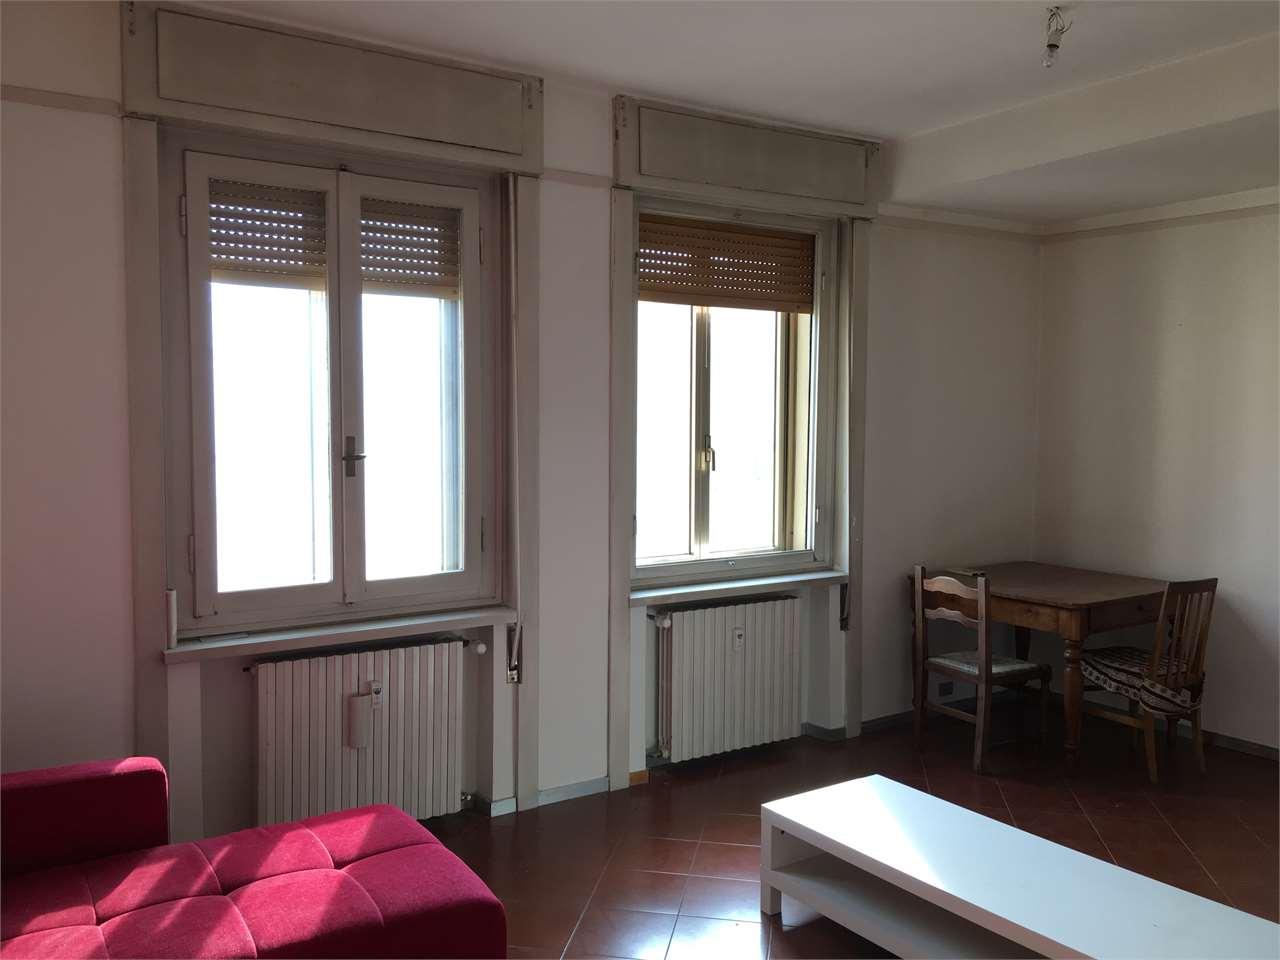 Vendita Trilocale Appartamento Mantova via grazioli  77599